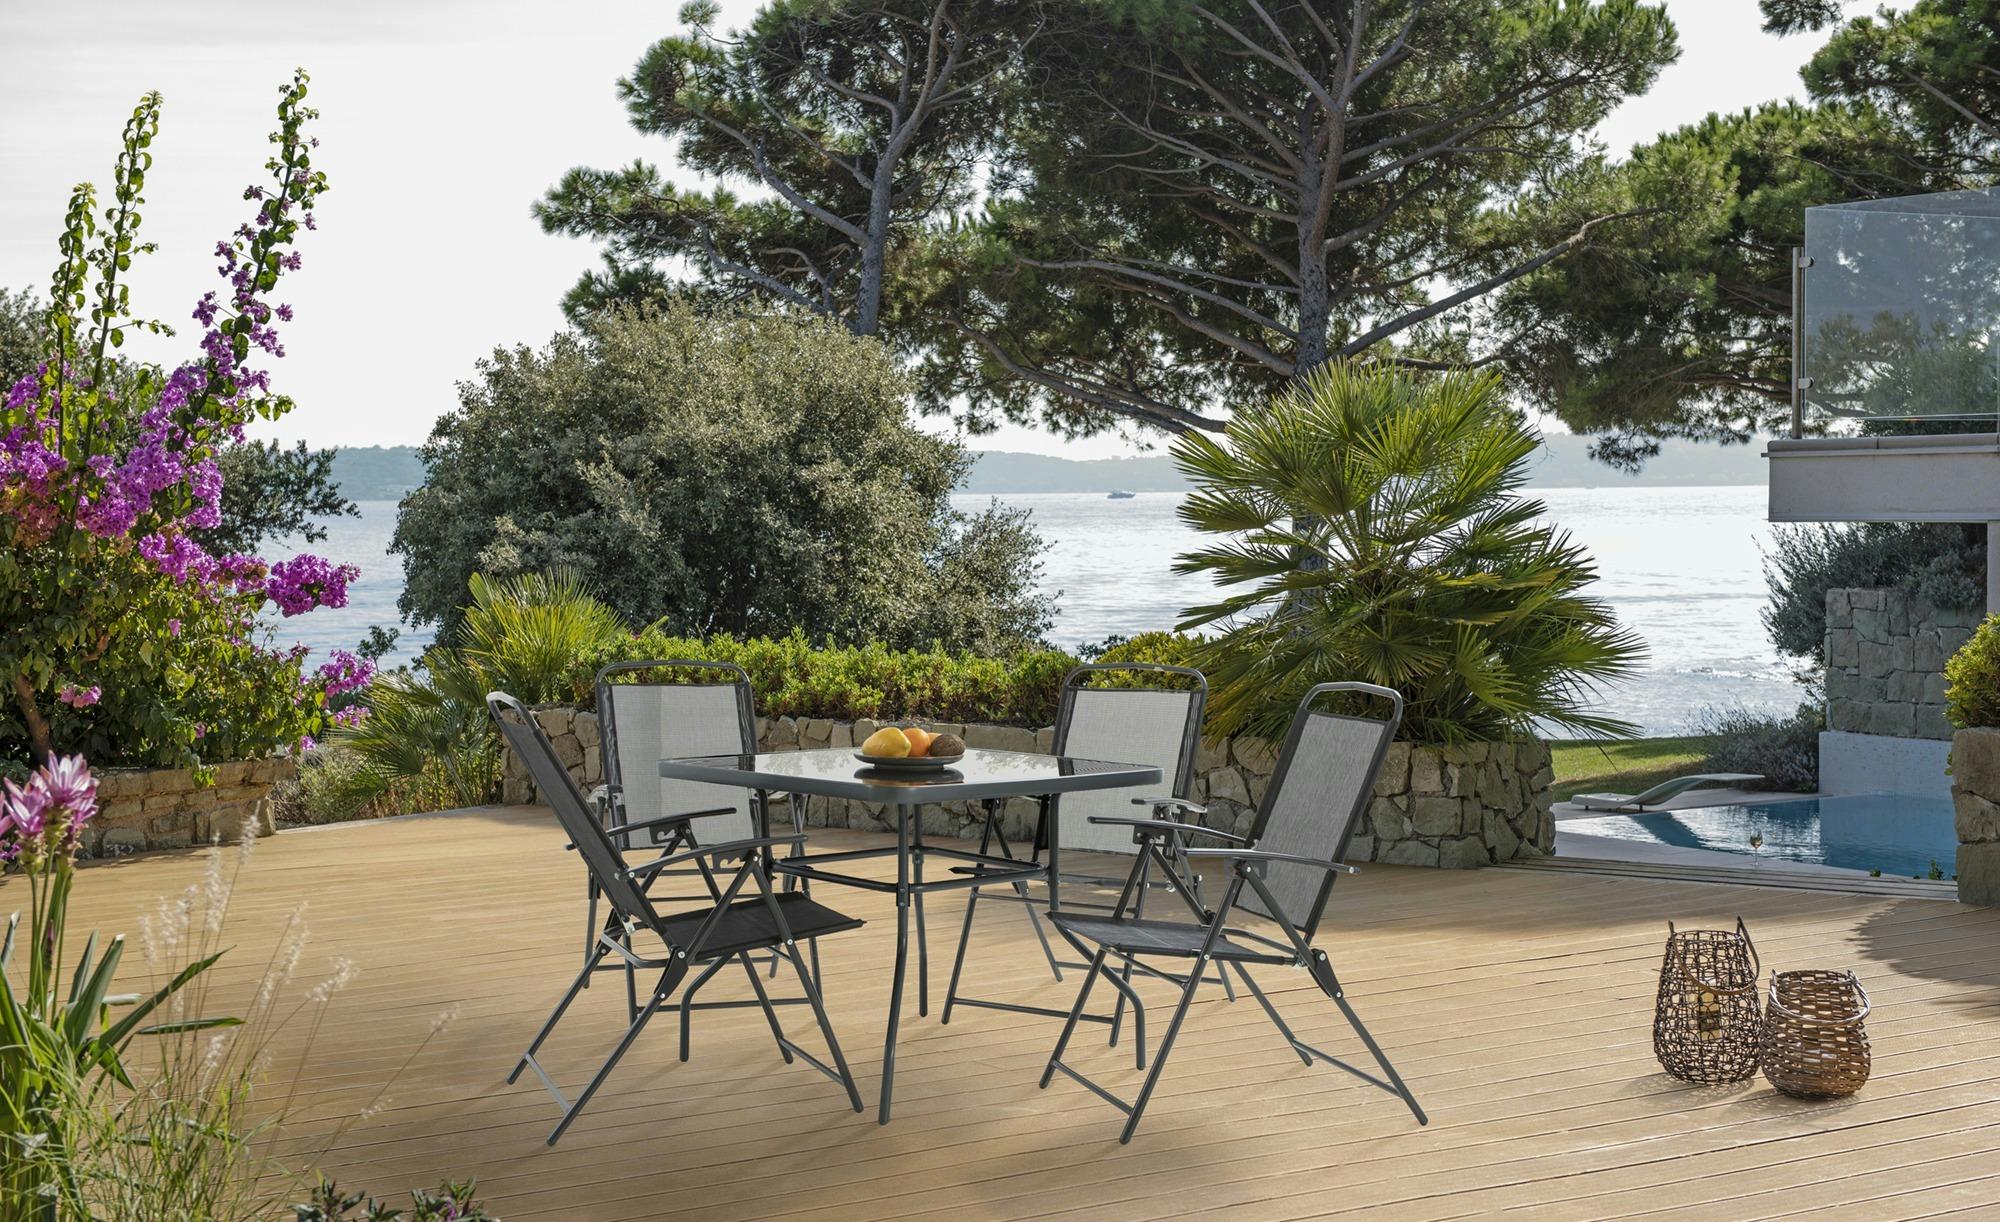 Sconto Zahradní stůl CORDOBA 7